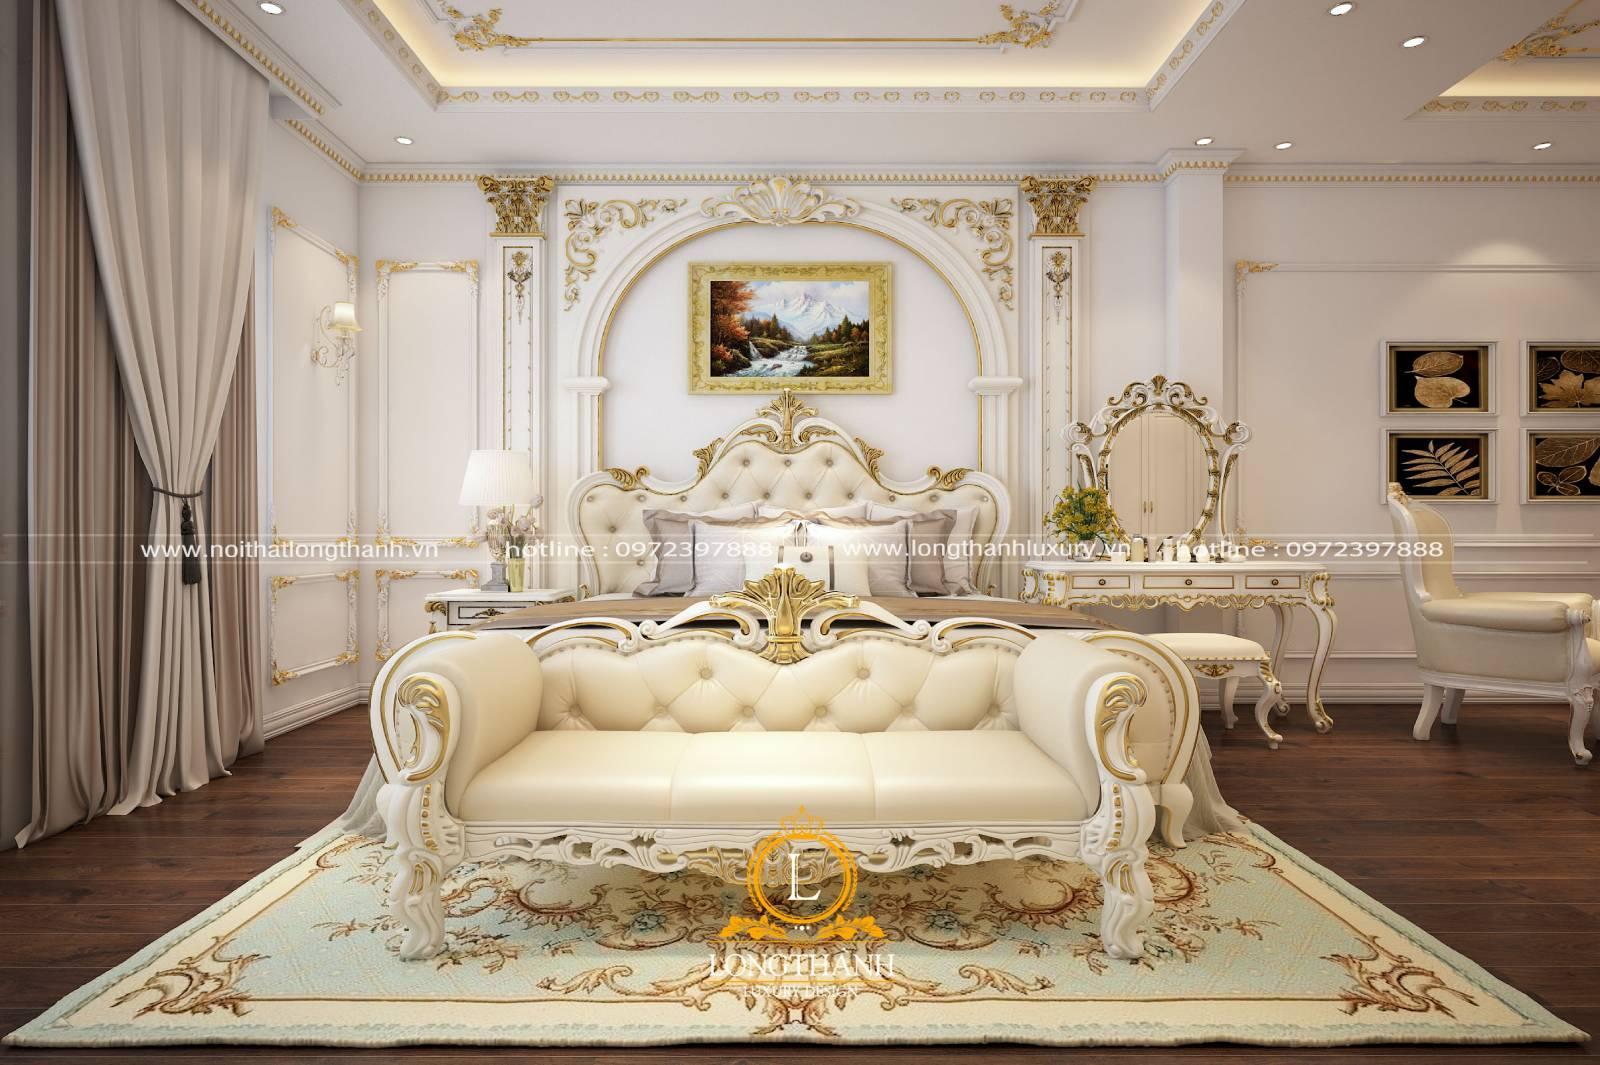 Mẫu phòng ngủ master tân cổ điển sơn trắng sang trọng lộng lẫy